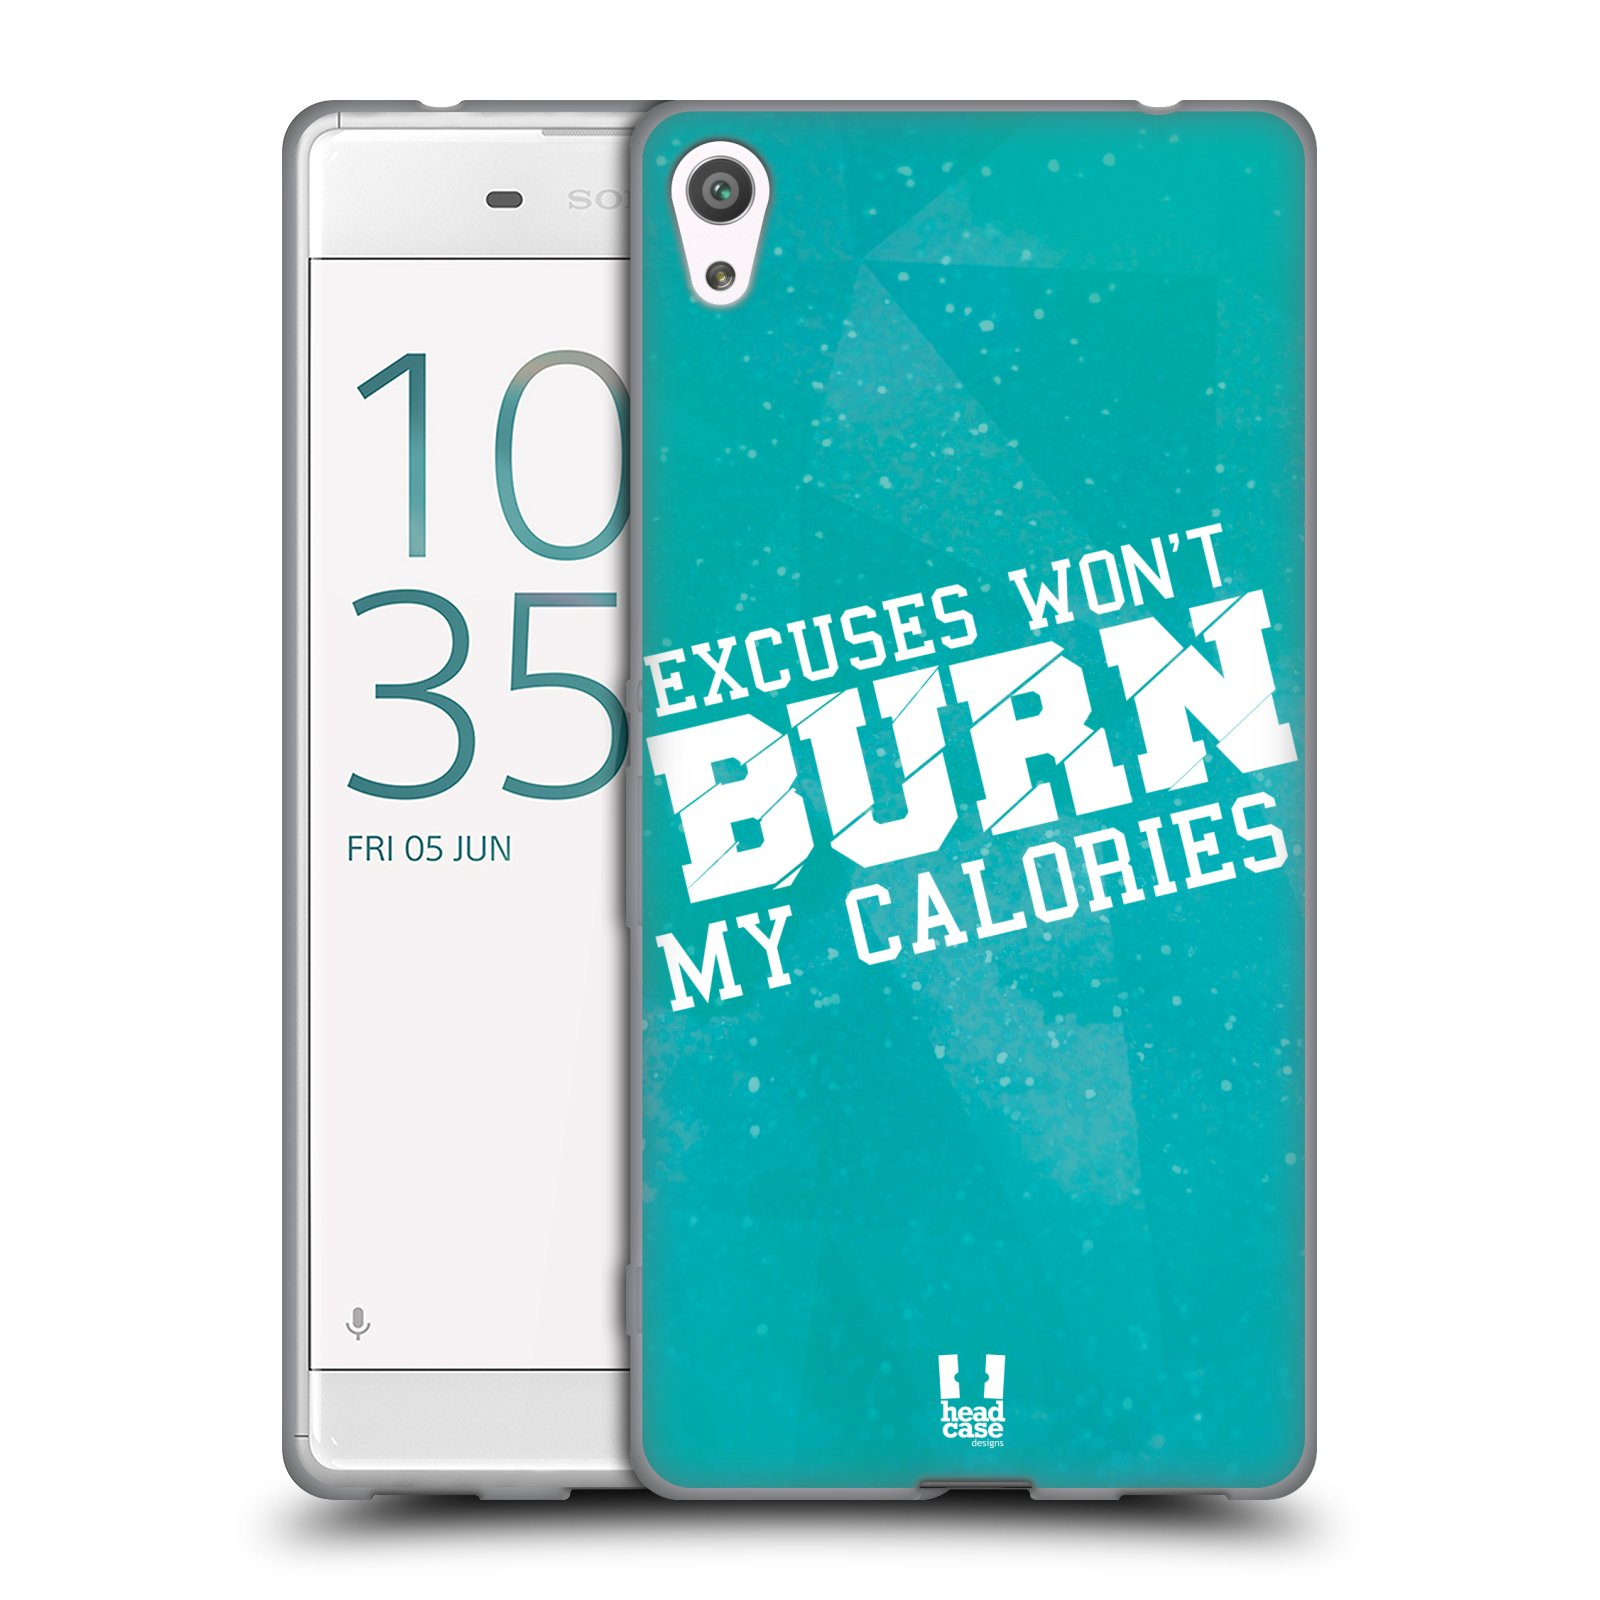 HEAD CASE silikonový obal na mobil Sony Xperia XA ULTRA Sportovní nápisy motivace modrá barva